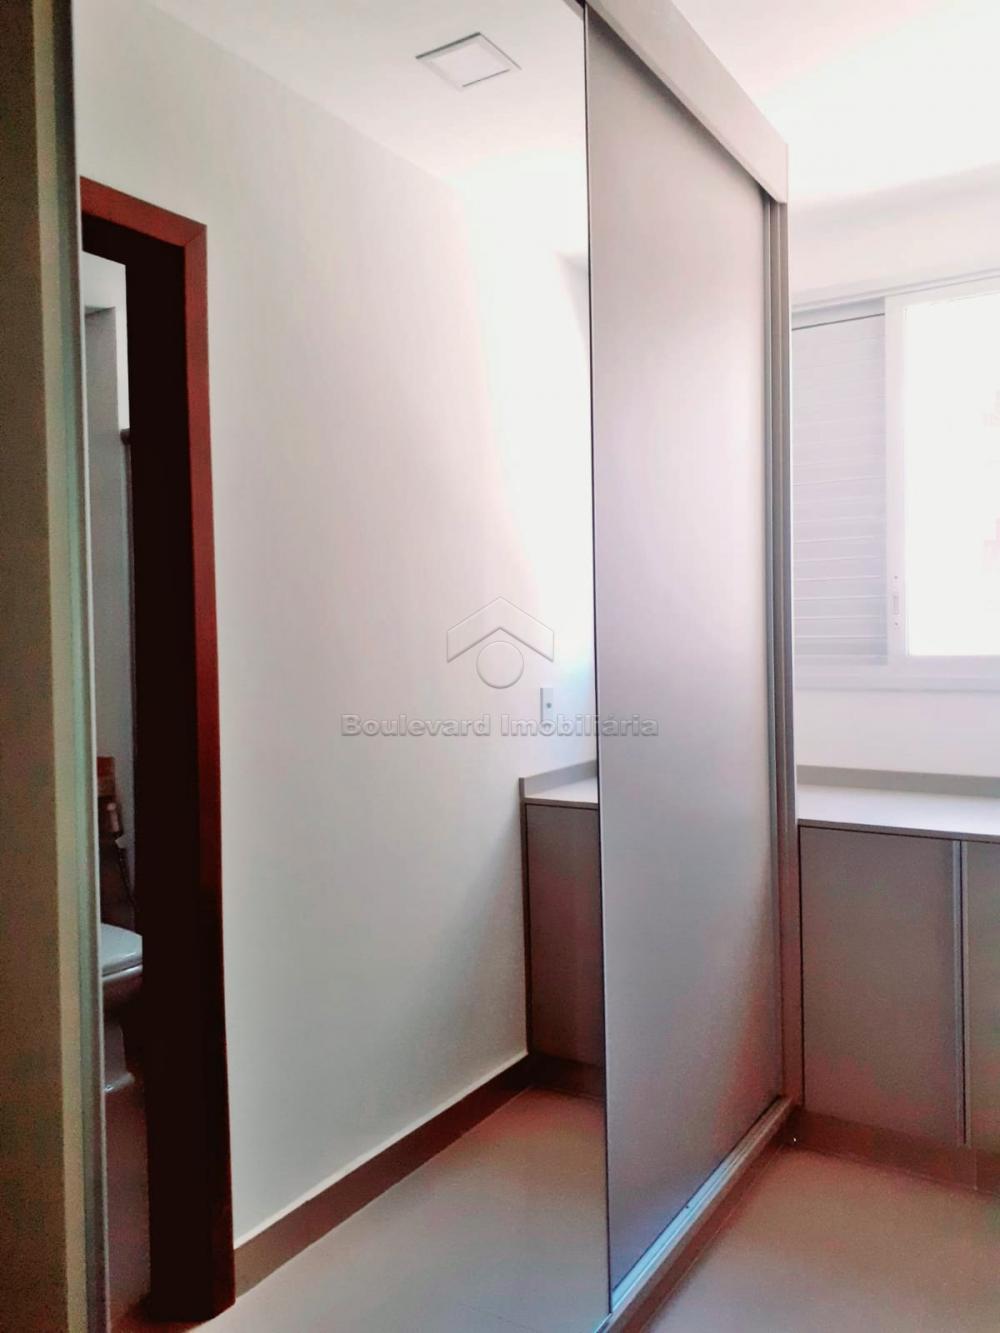 Alugar Apartamento / Padrão em Ribeirão Preto R$ 2.950,00 - Foto 16